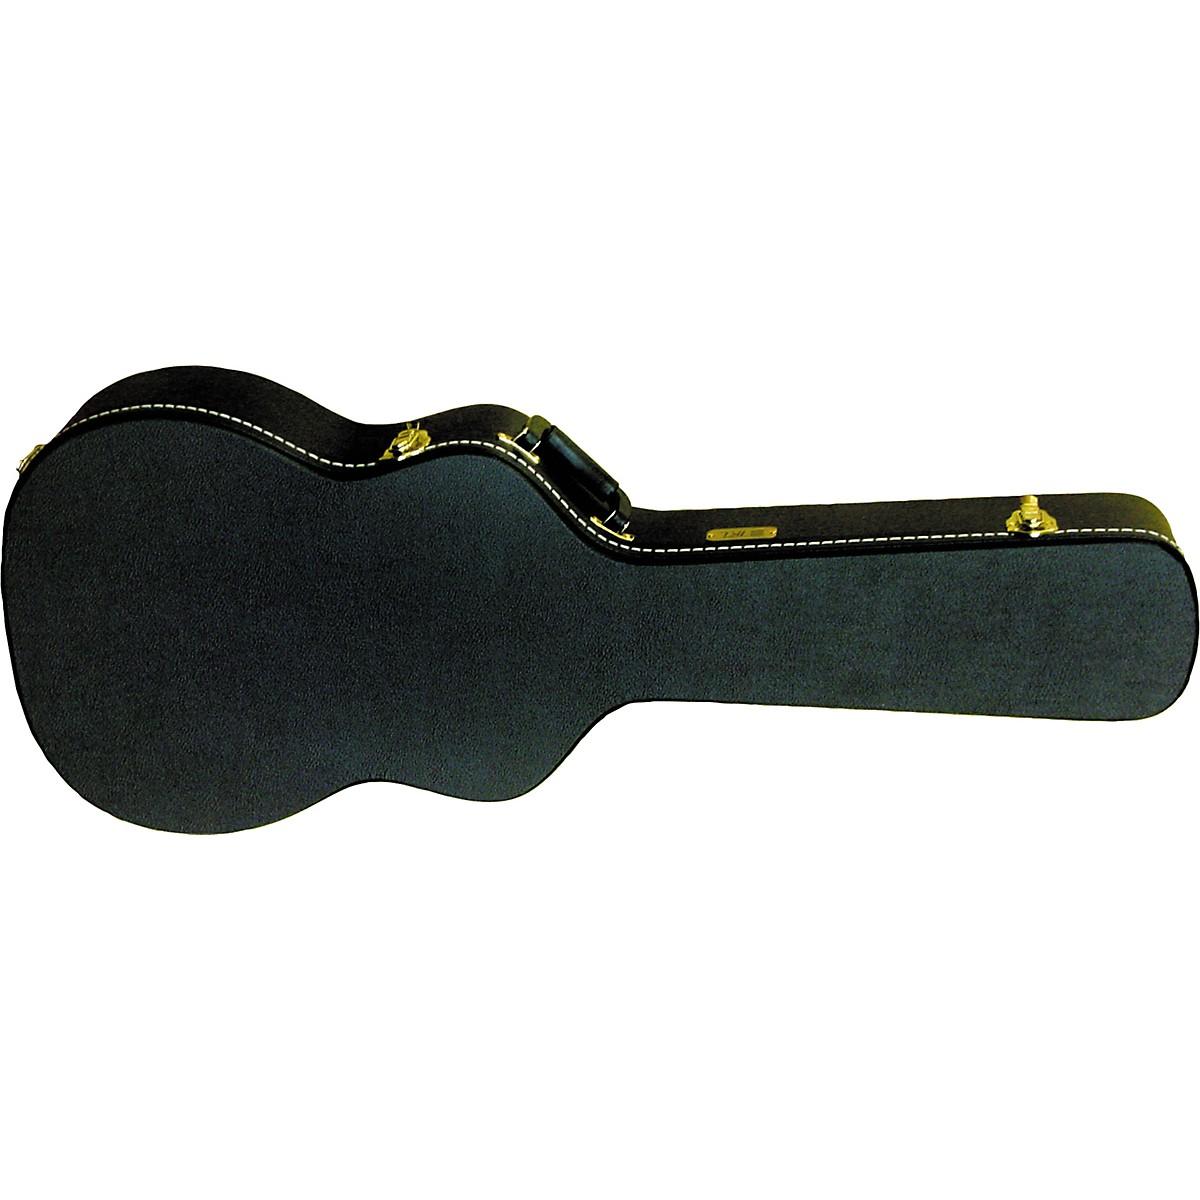 Gold Tone Beard Resonator Hard Case